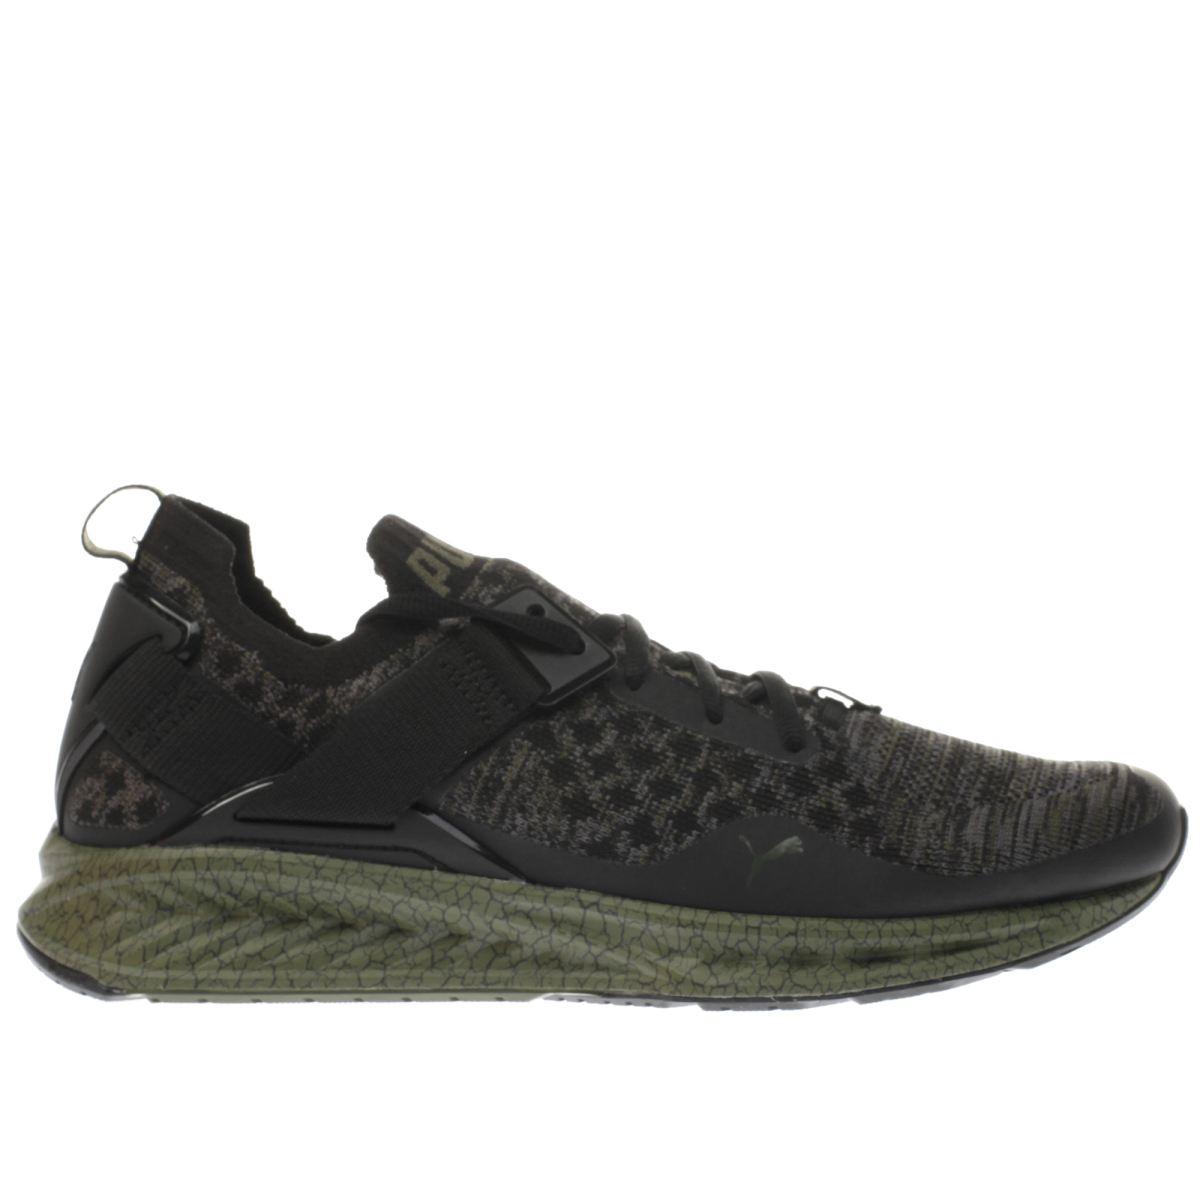 puma black & green ignite limitless evoknit trainers